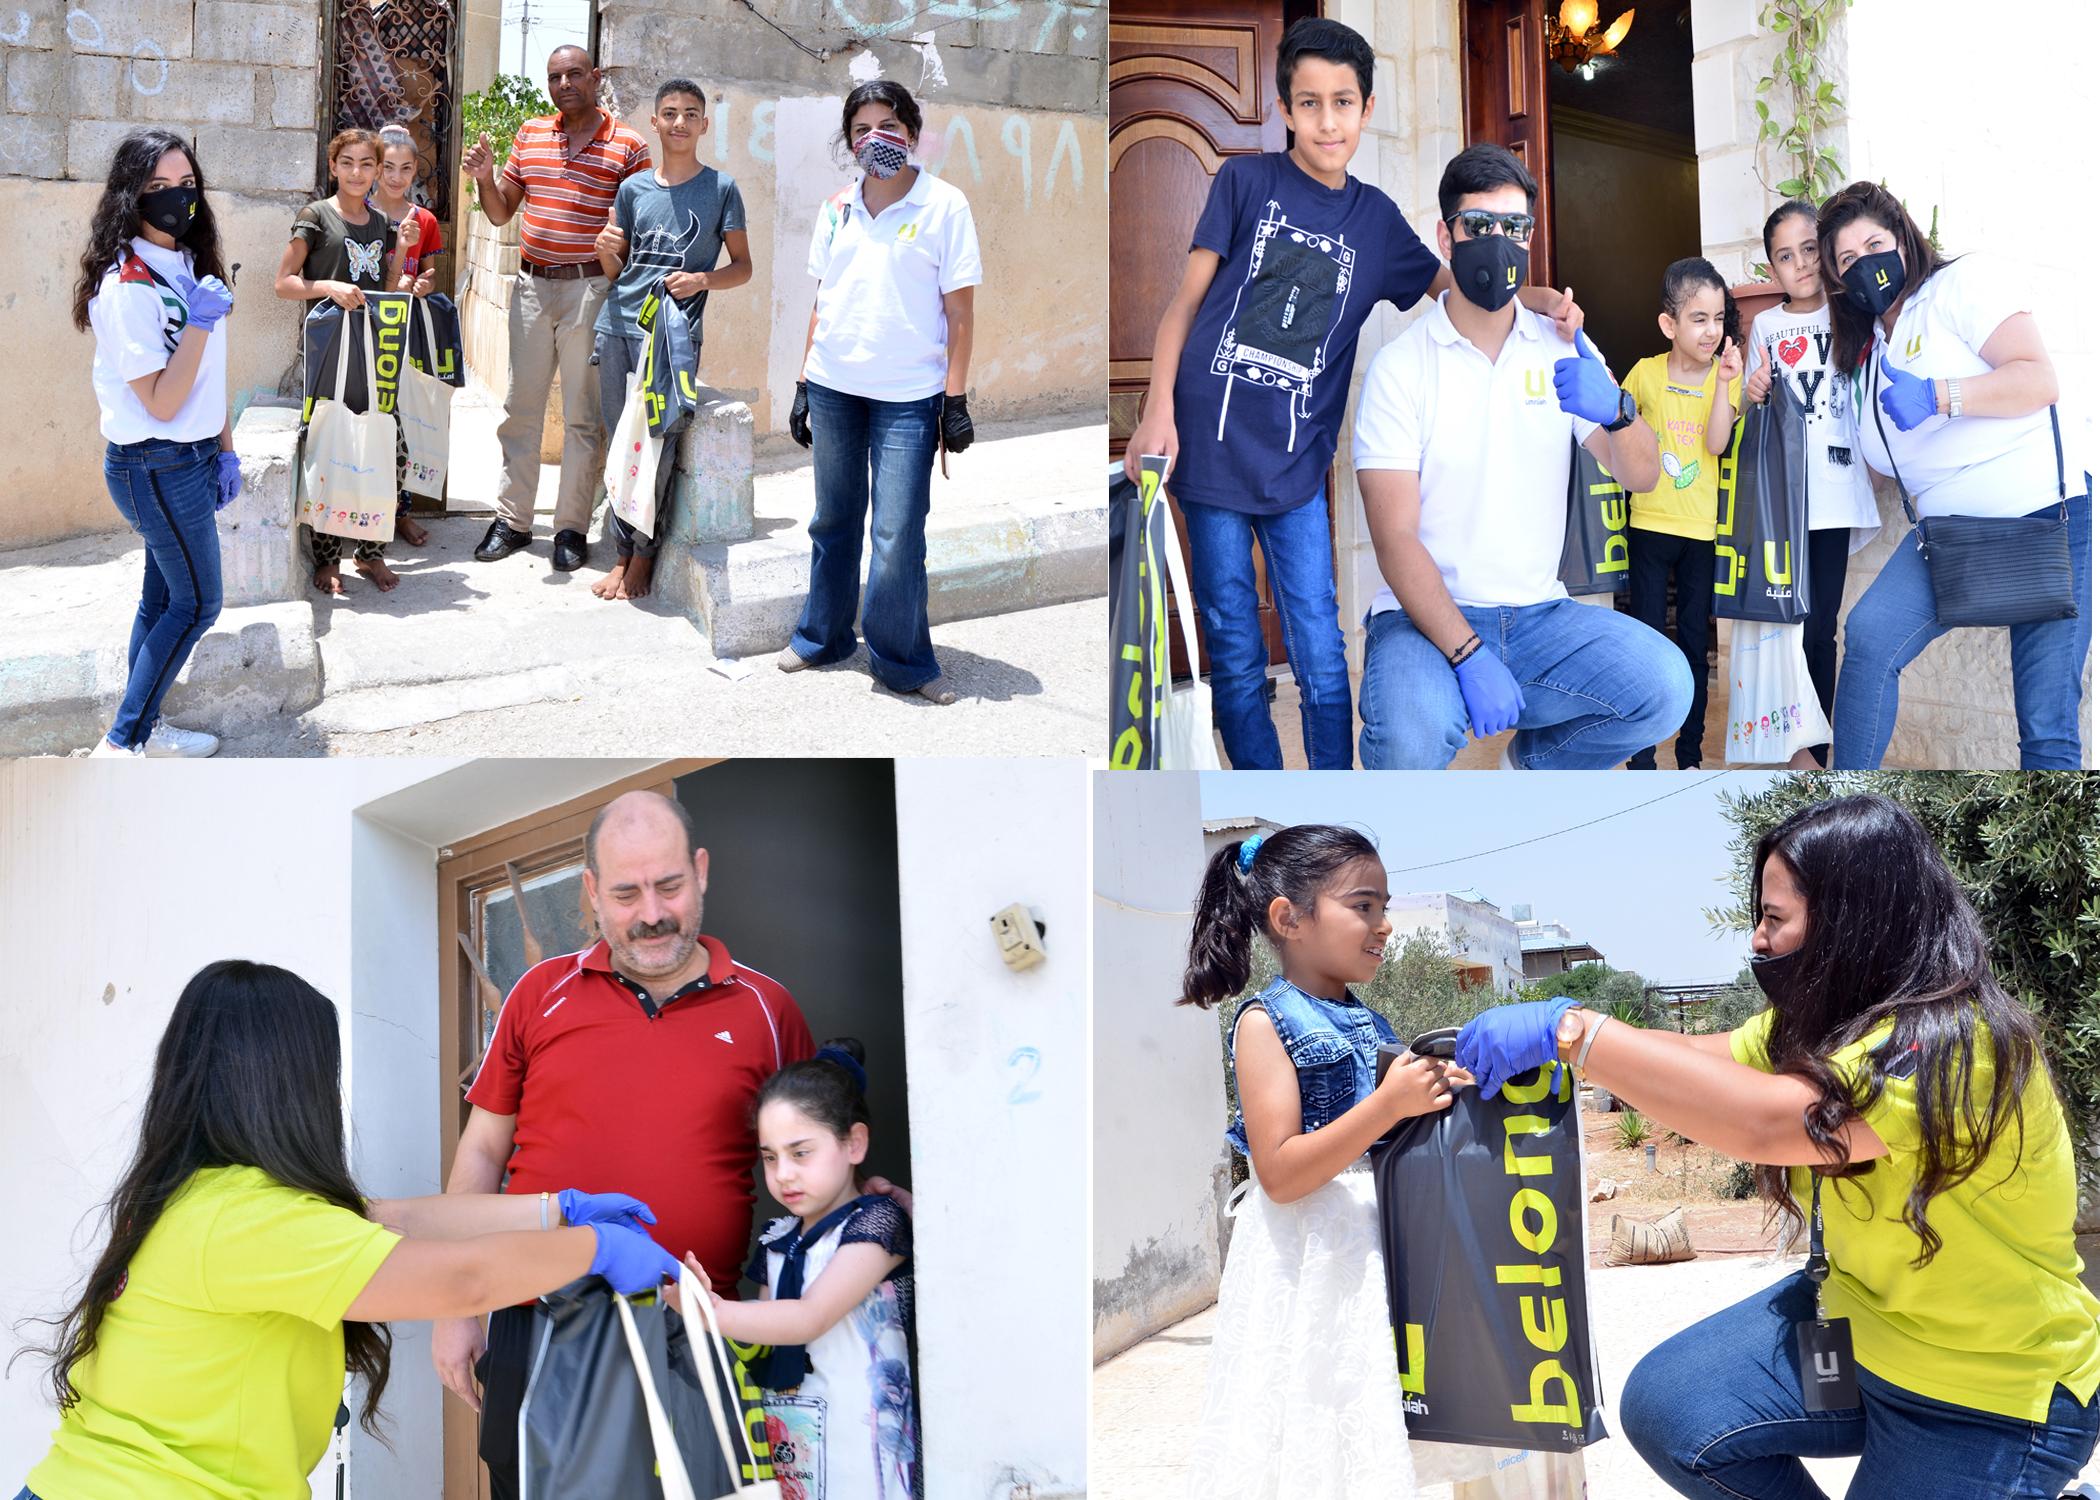 """أمنية بالتعاون مع """"الهيئة الوطنية لإزالة الألغام"""" توزع هدايا العيد على الأطفال في محافظات المملكة"""